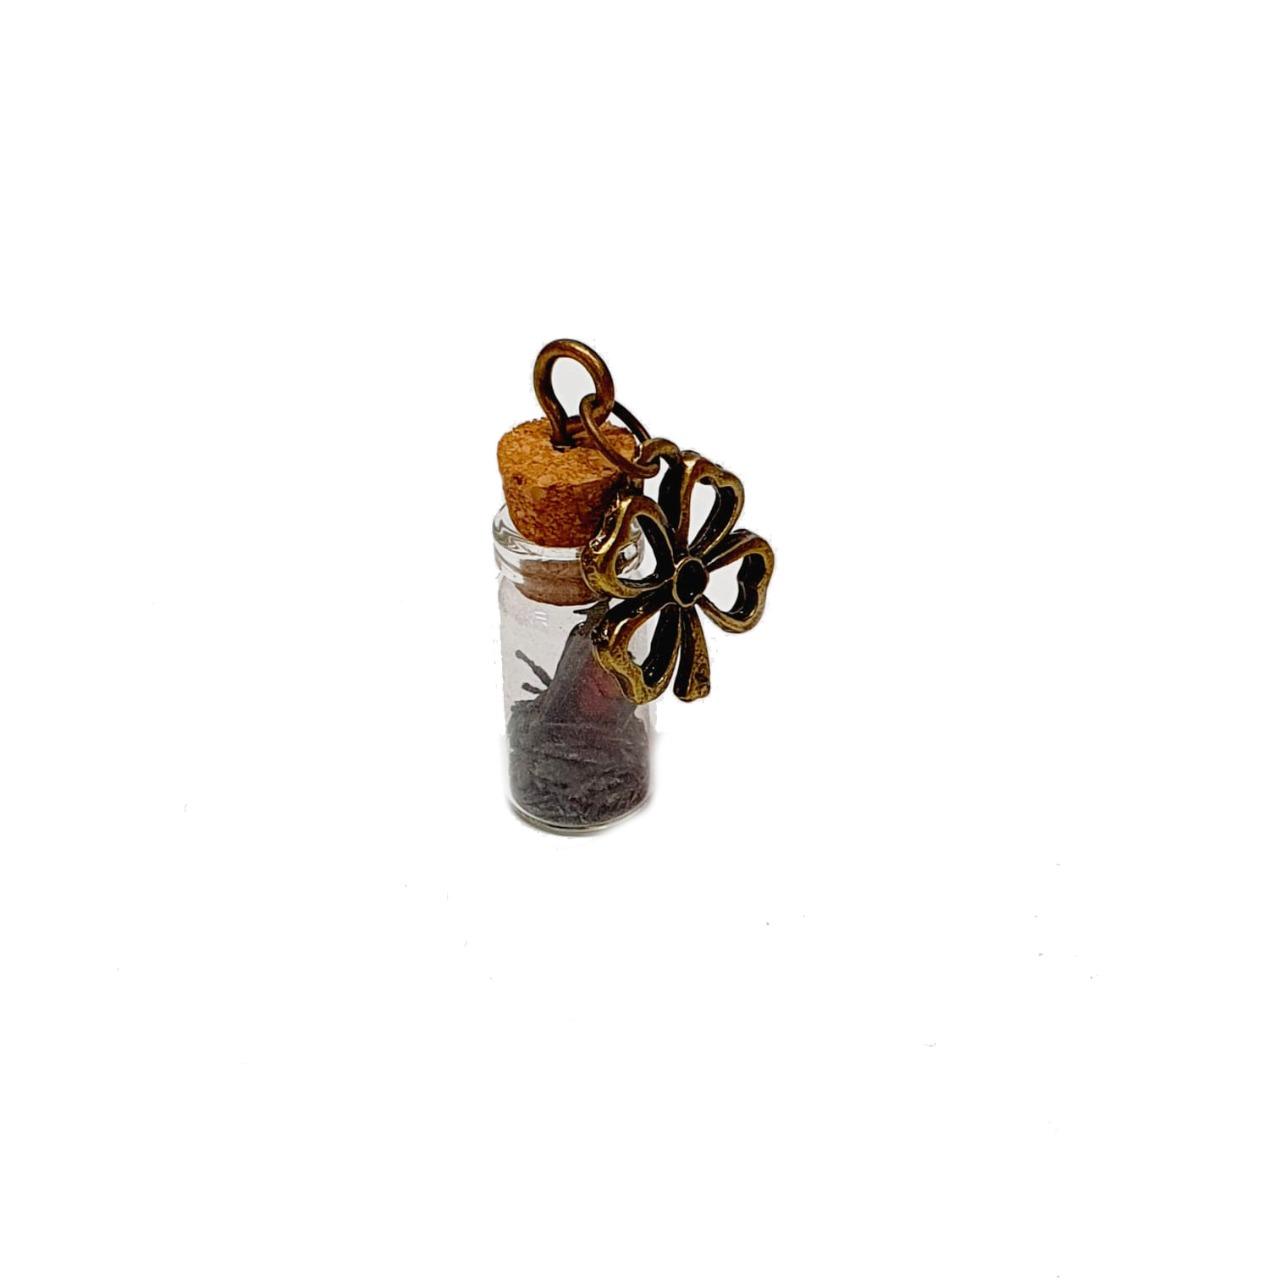 Amuleto de Pedra Natural Vassoura de Bruxa